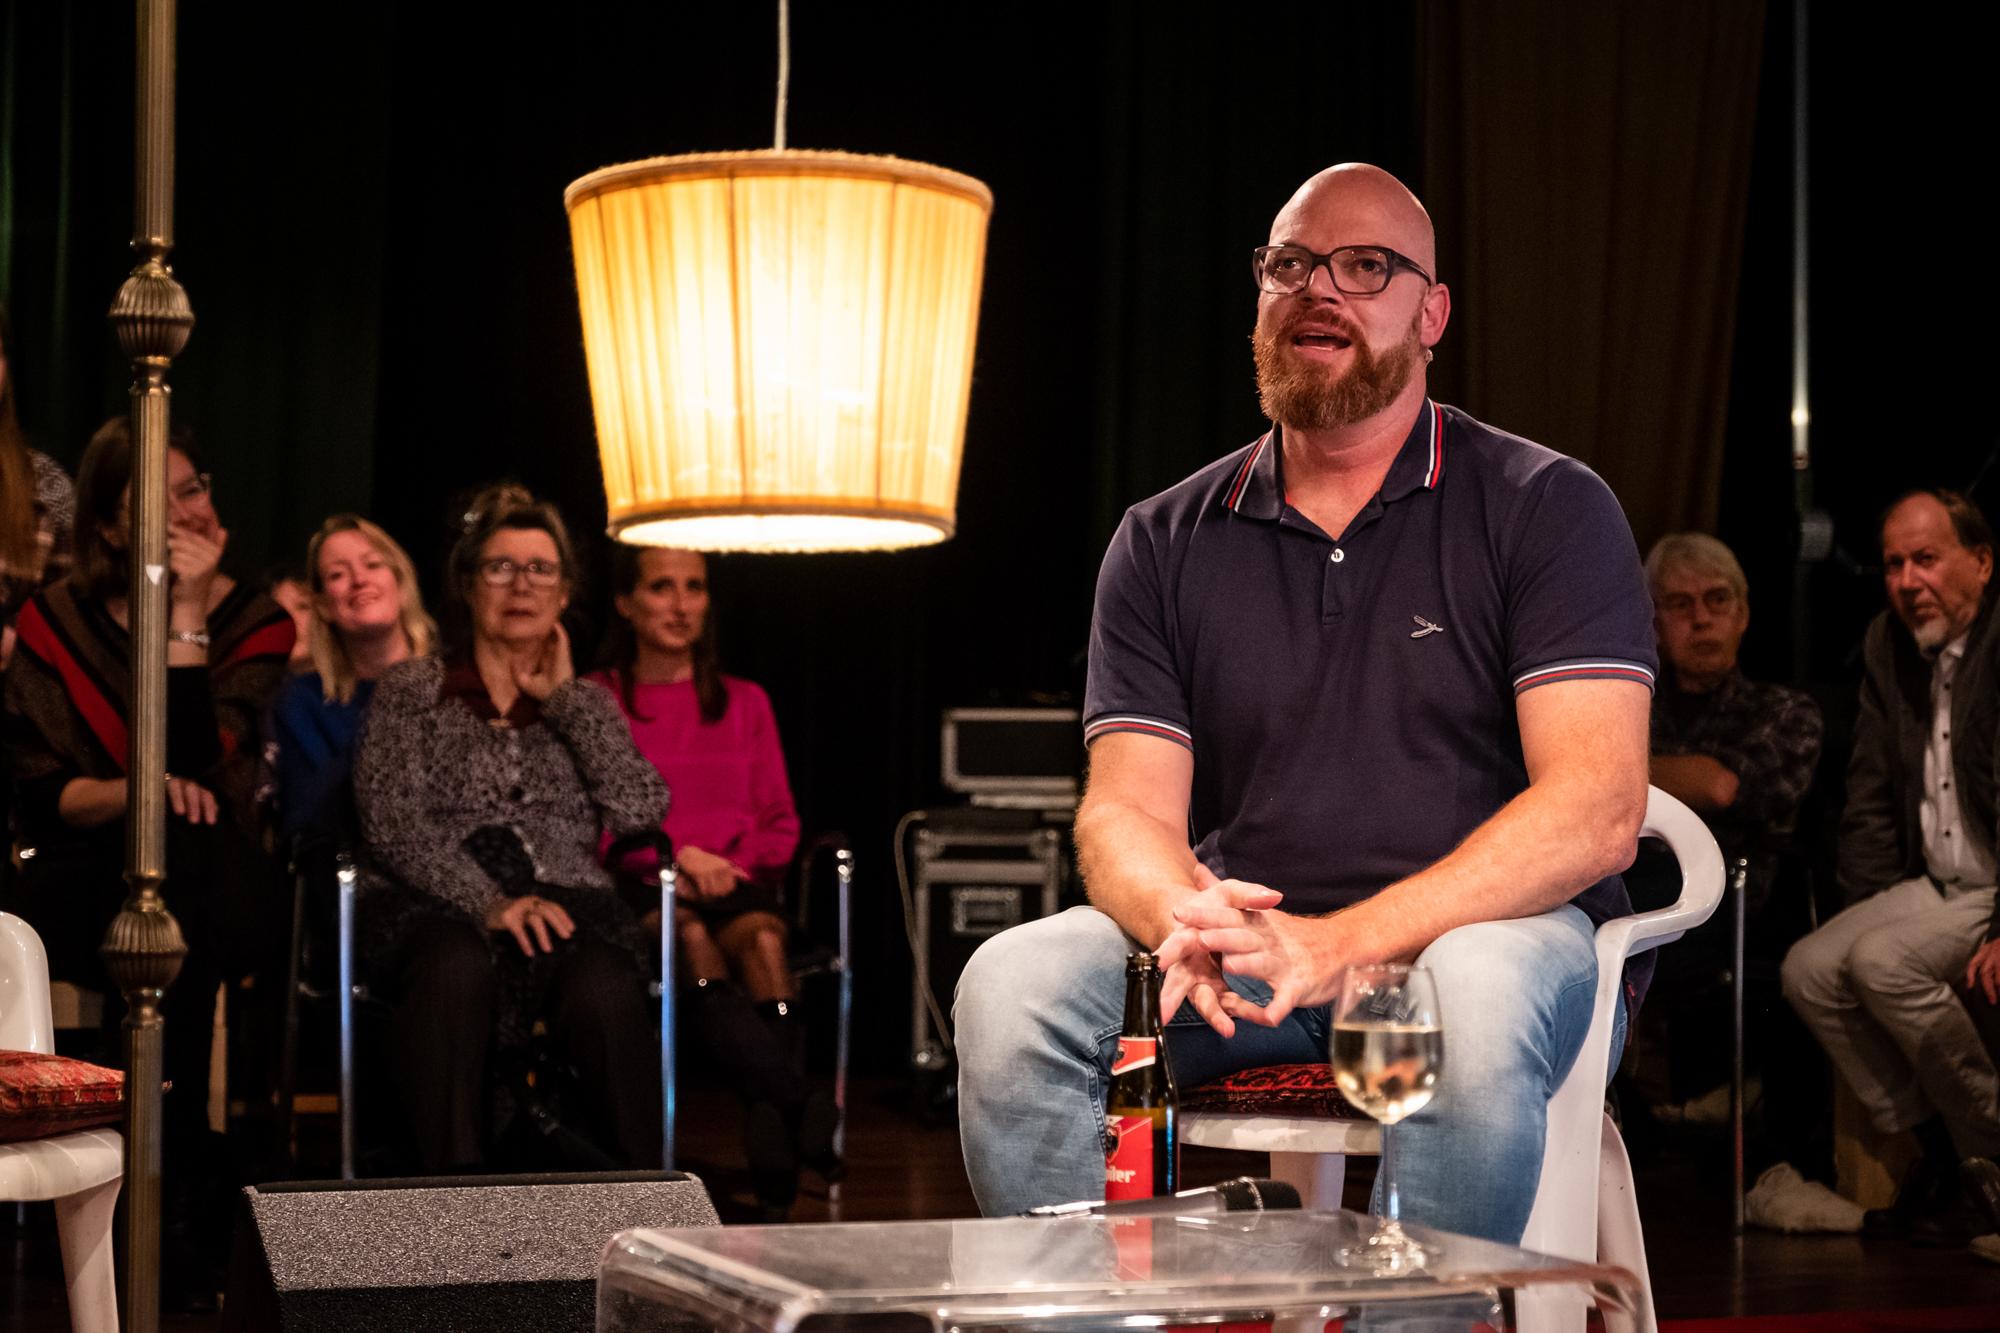 Verslag Salon Tilburg: kwetsbaarheid tonen